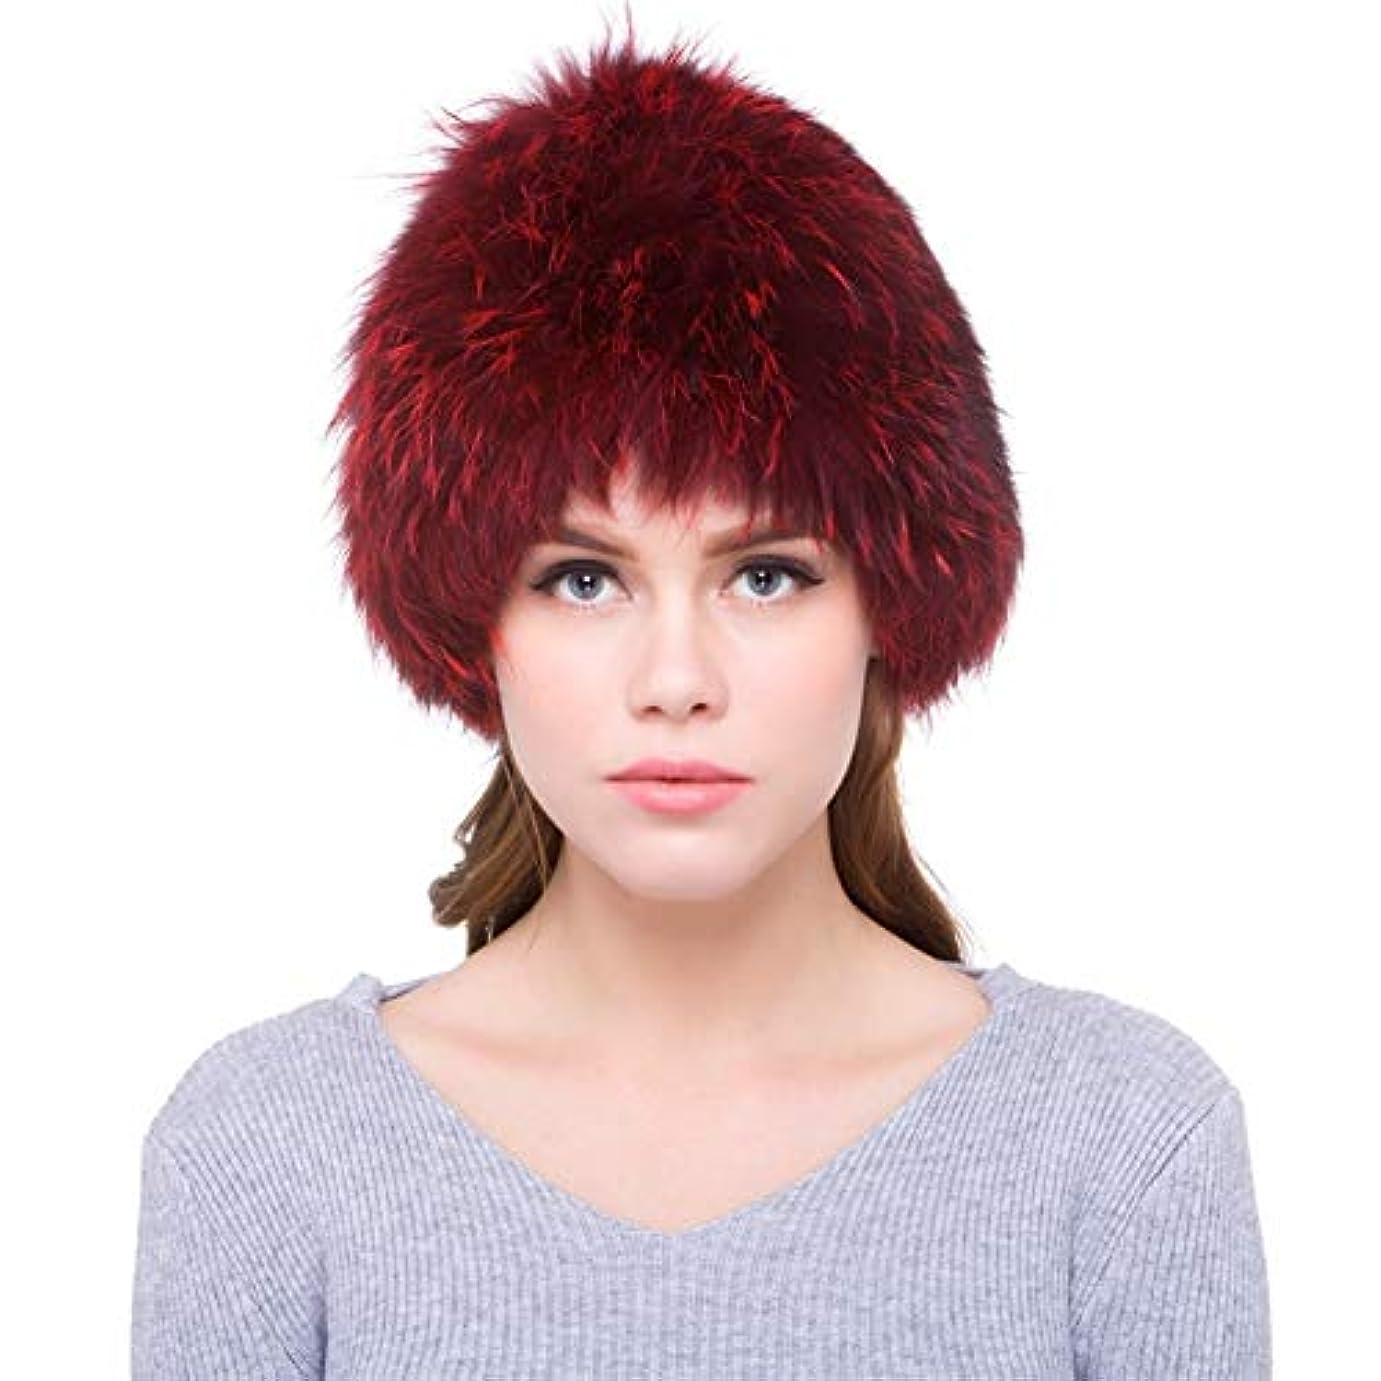 同性愛者不条理お父さんACAO ヨーロッパとアメリカのキツネの毛皮の帽子の冬の天候ストリップの女性モデルトレンディな毛皮の帽子 (色 : Red wine, Size : M)